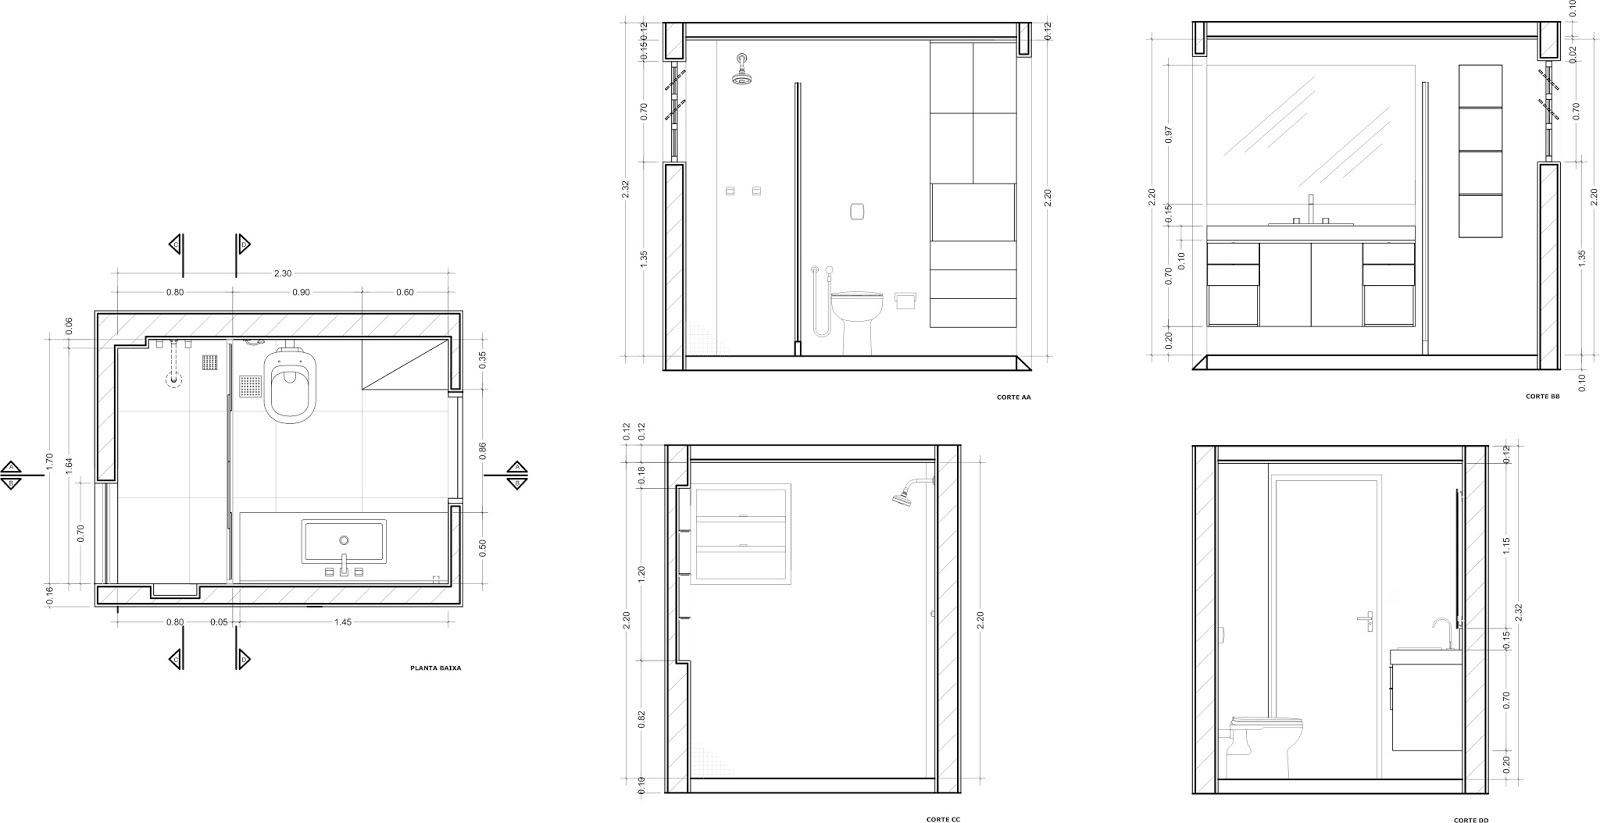 Bancada Para Banheiro Altura Ideal  rinkratmagcom banheiros decorados 2017 -> Altura Ideal Pia De Banheiro